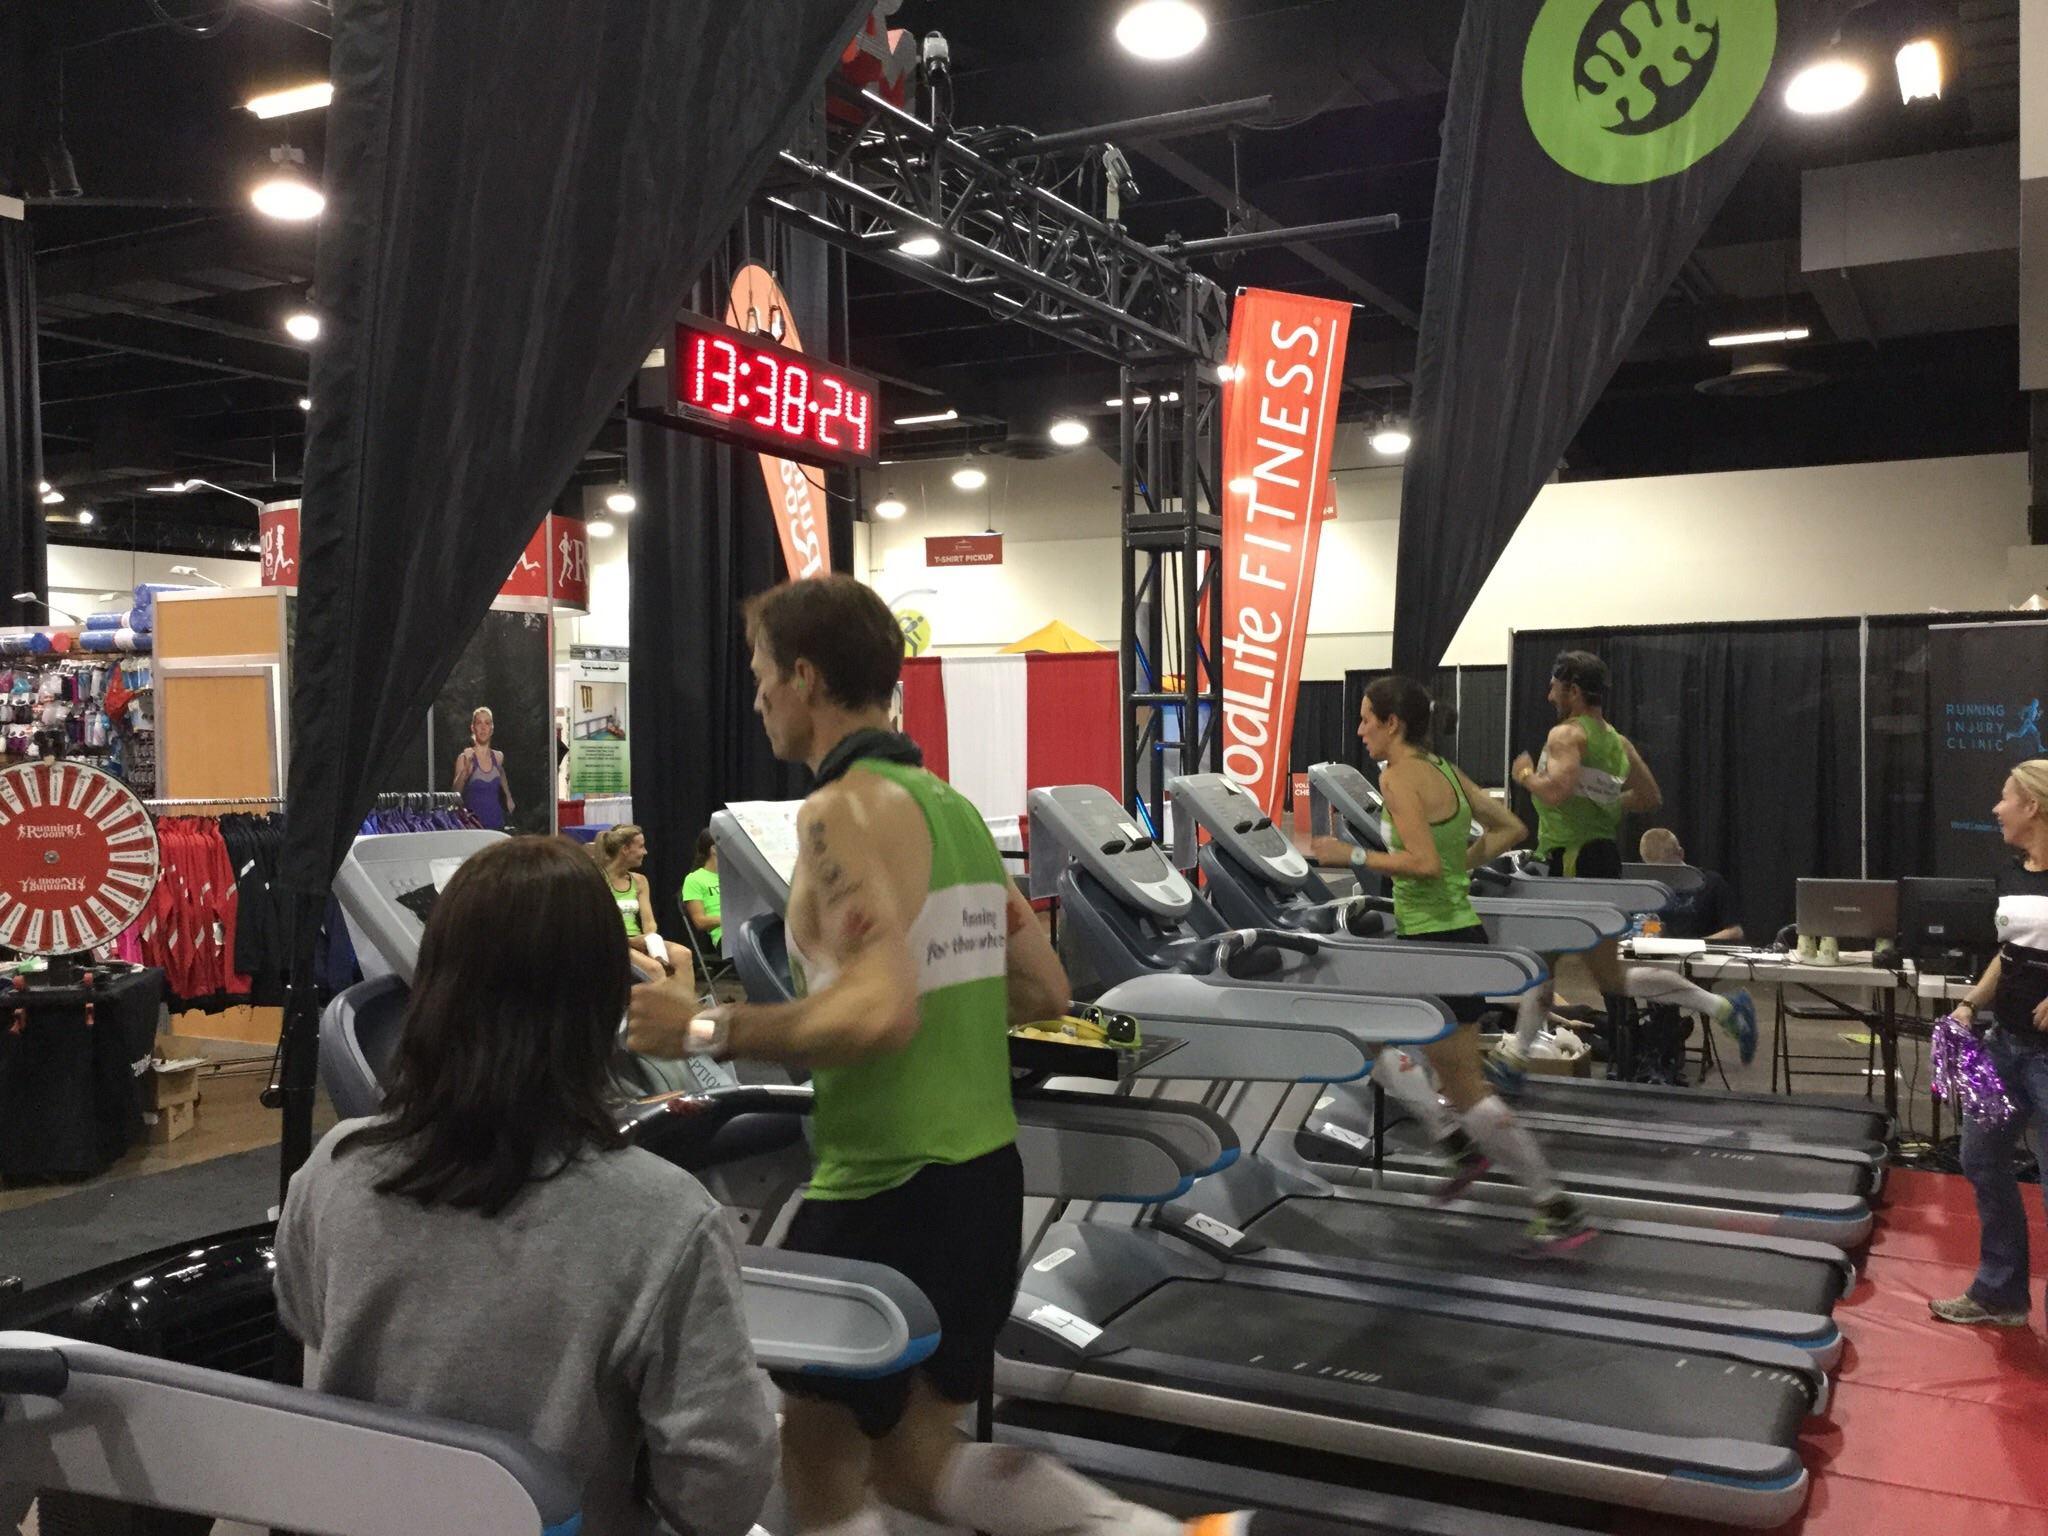 Solo Dave Proctor, Women's team Devon Karchut and Men's team Greg Medwid